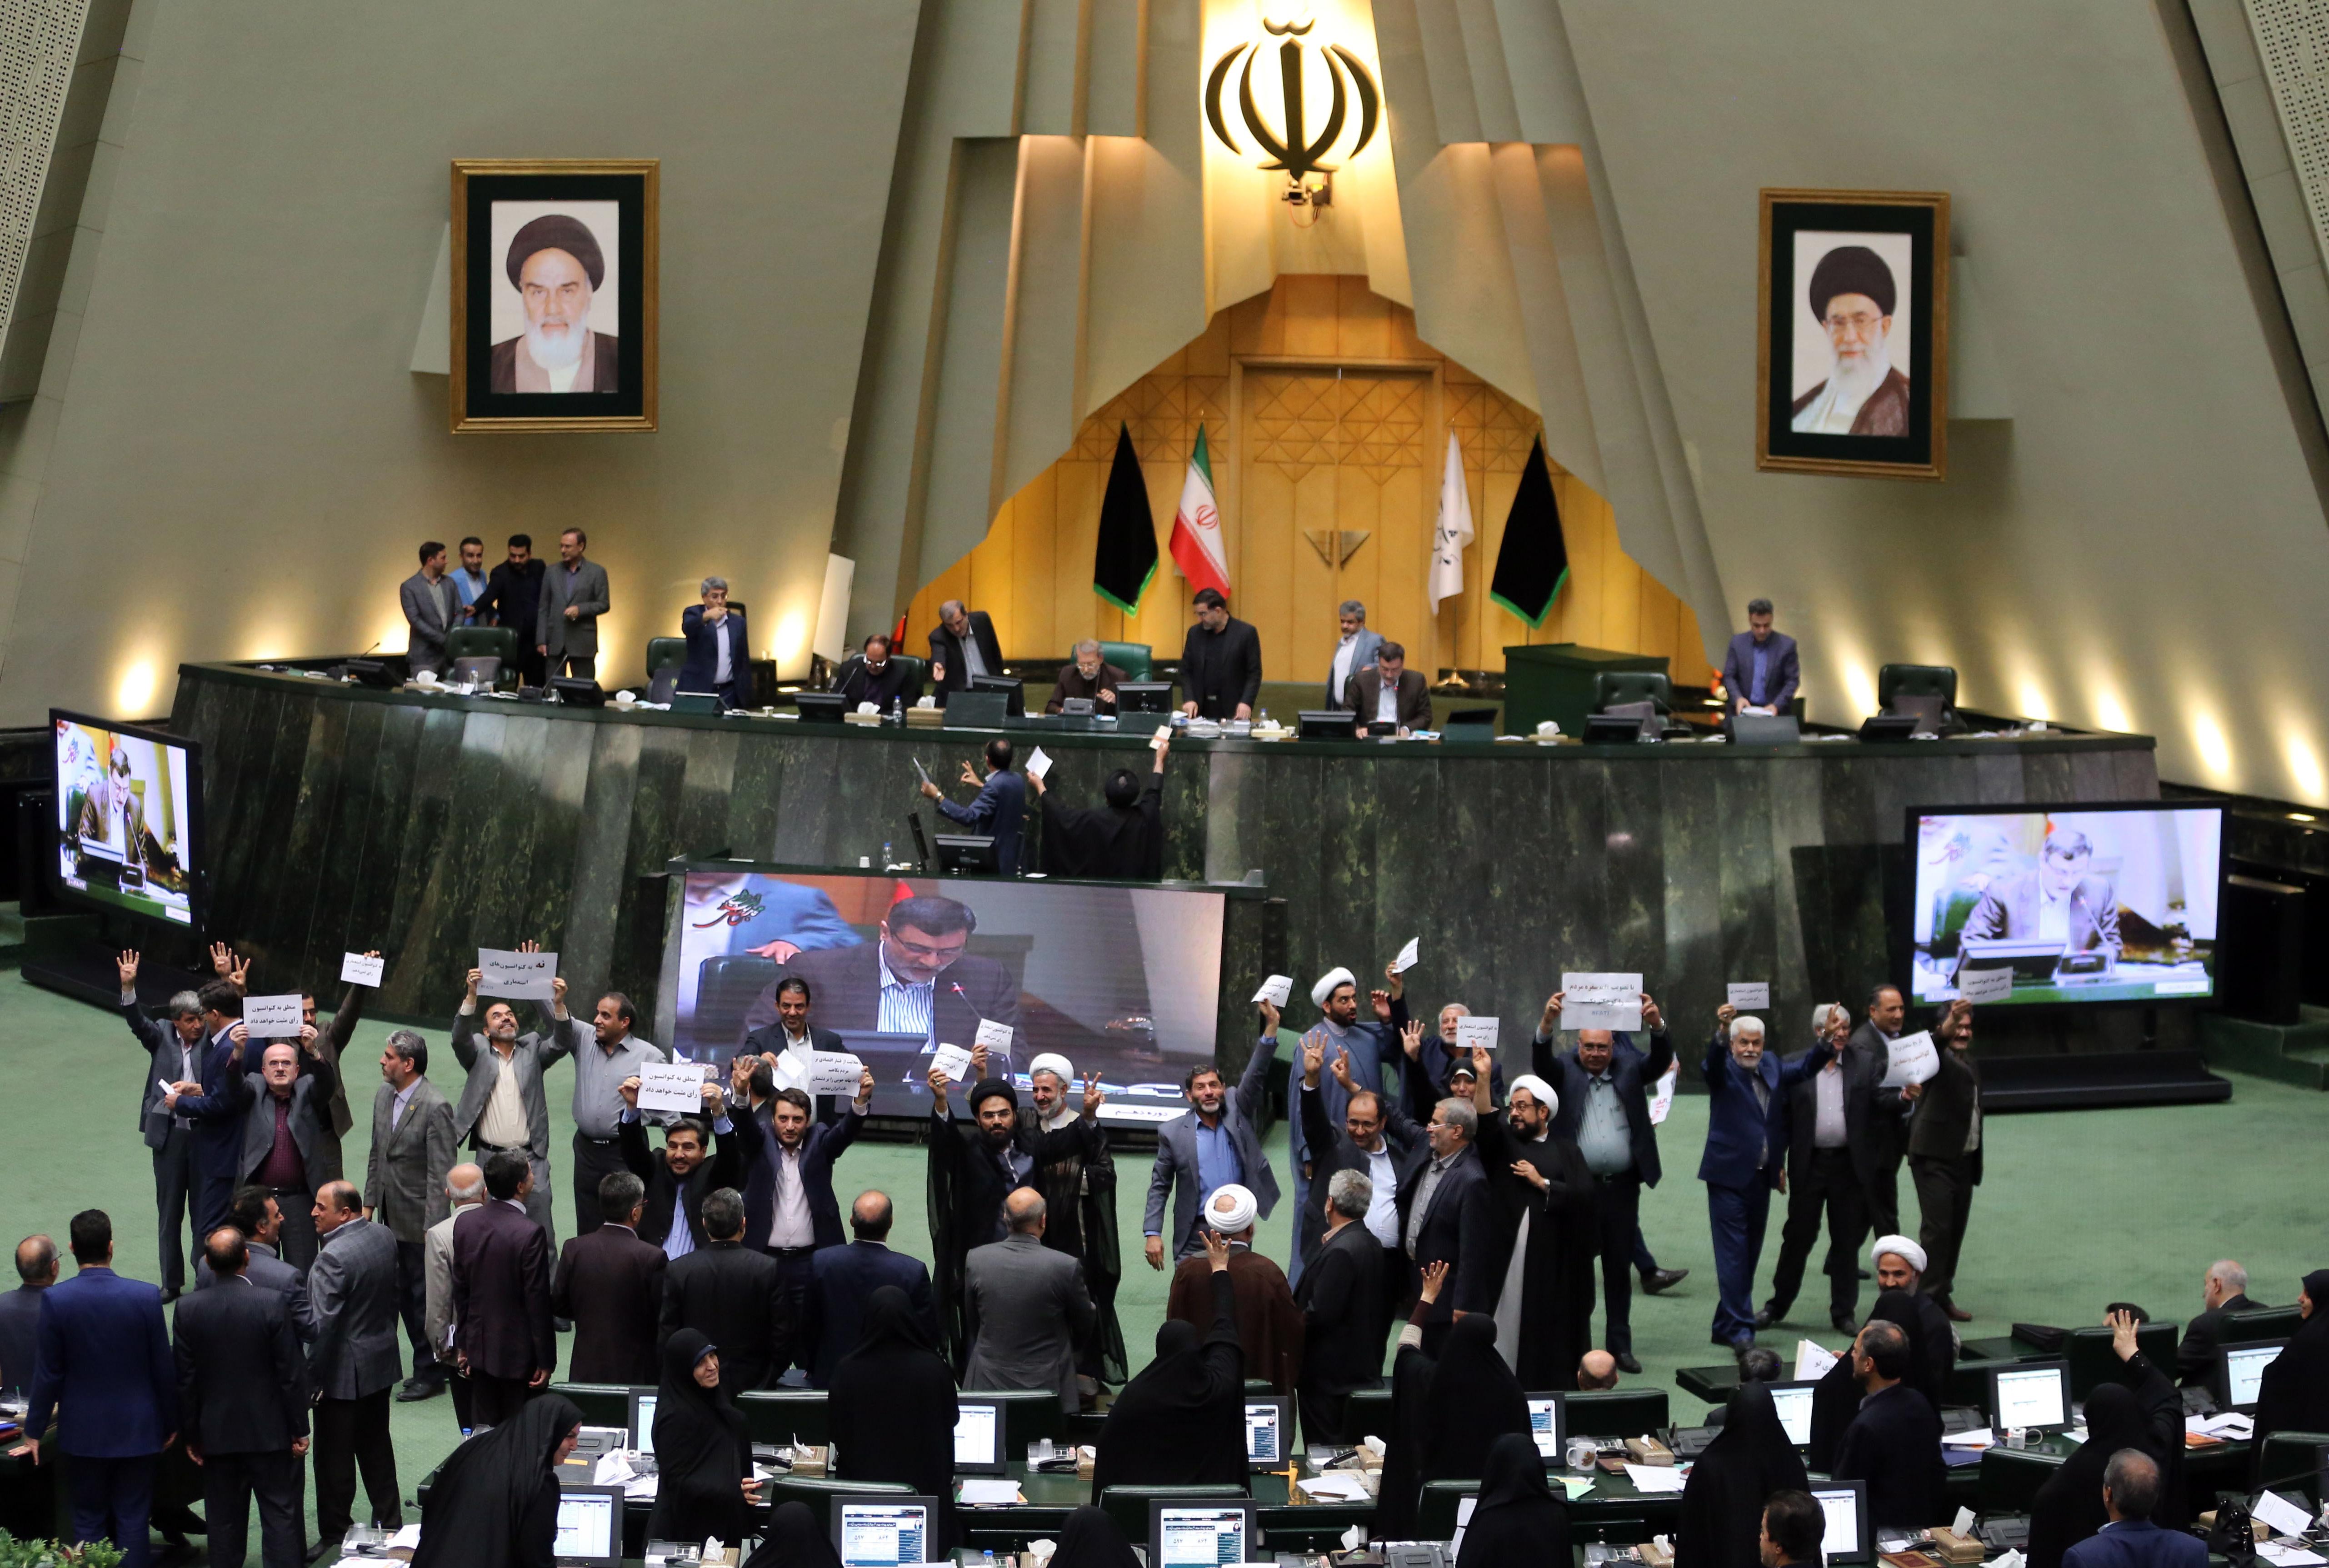 Iranski parlament usvojio nacrt zakona protiv financiranja terorizma